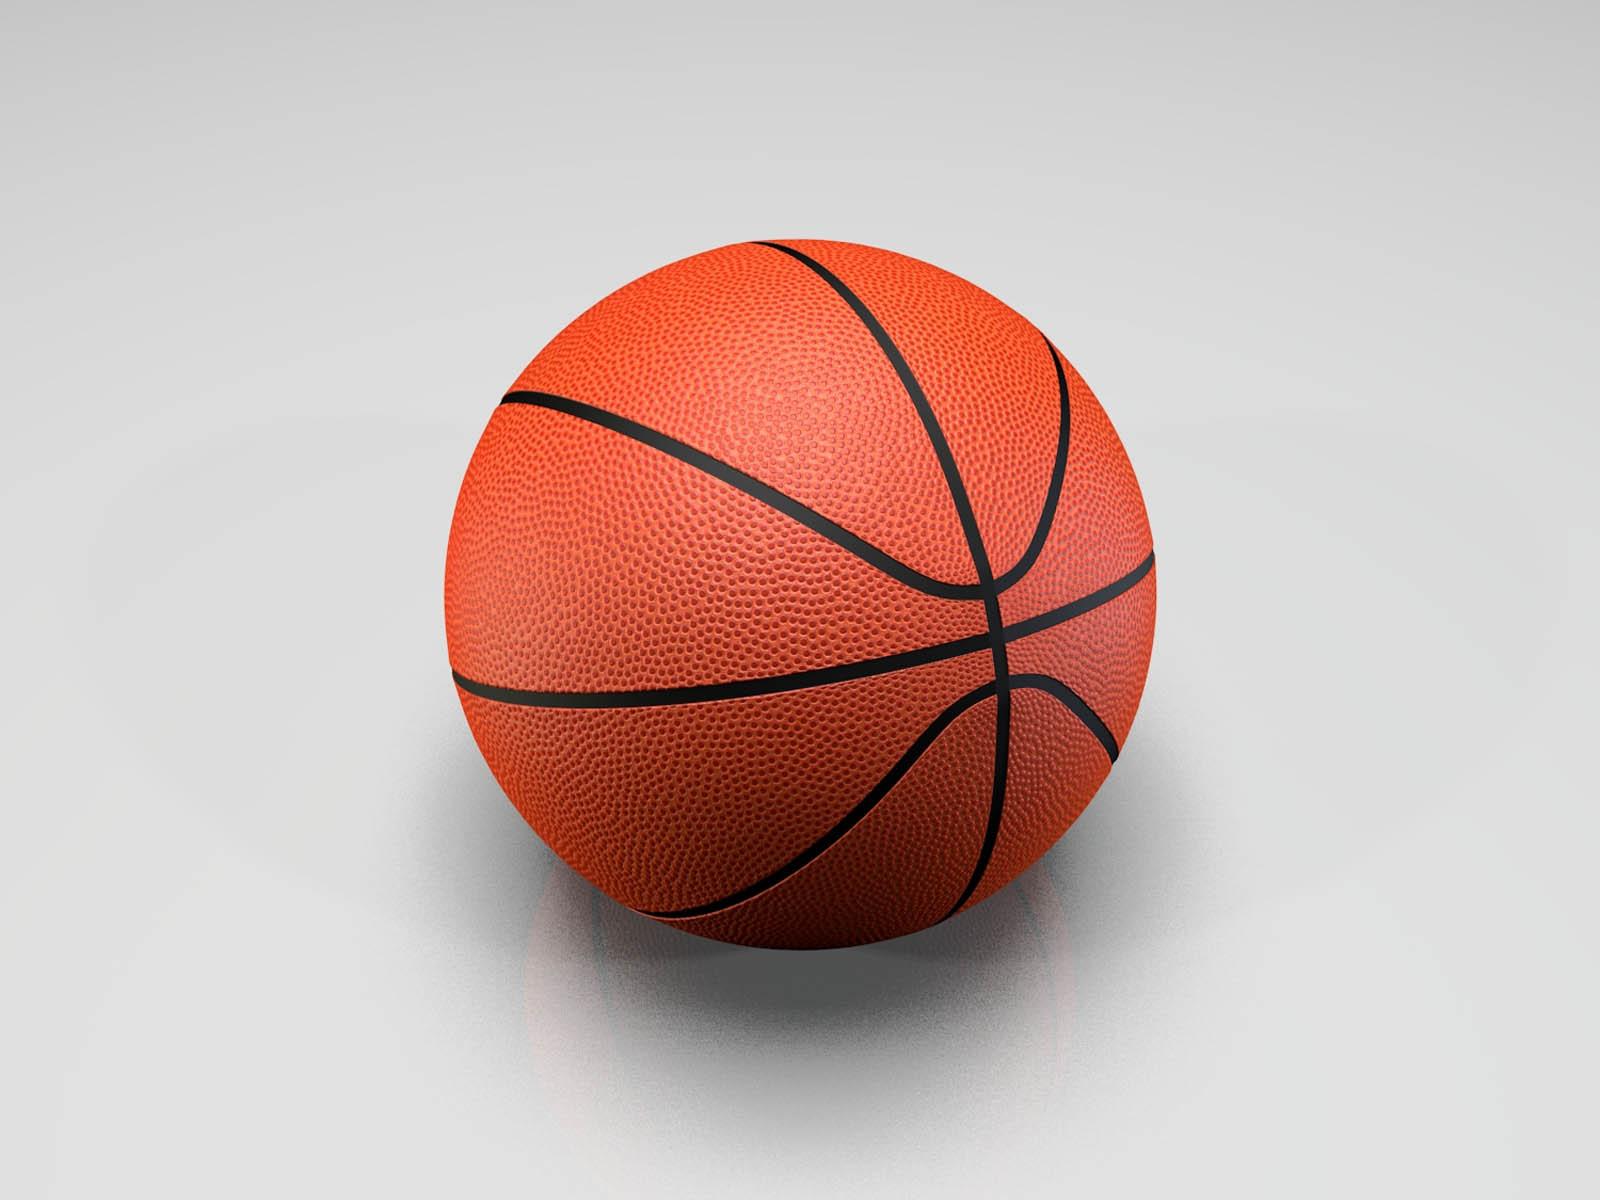 http://2.bp.blogspot.com/-E-1yLix3PPU/T_2z_c4RKVI/AAAAAAAAFTQ/D5ox6eFLItA/s1600/Basket+Ball+Wallpapers+1.jpg